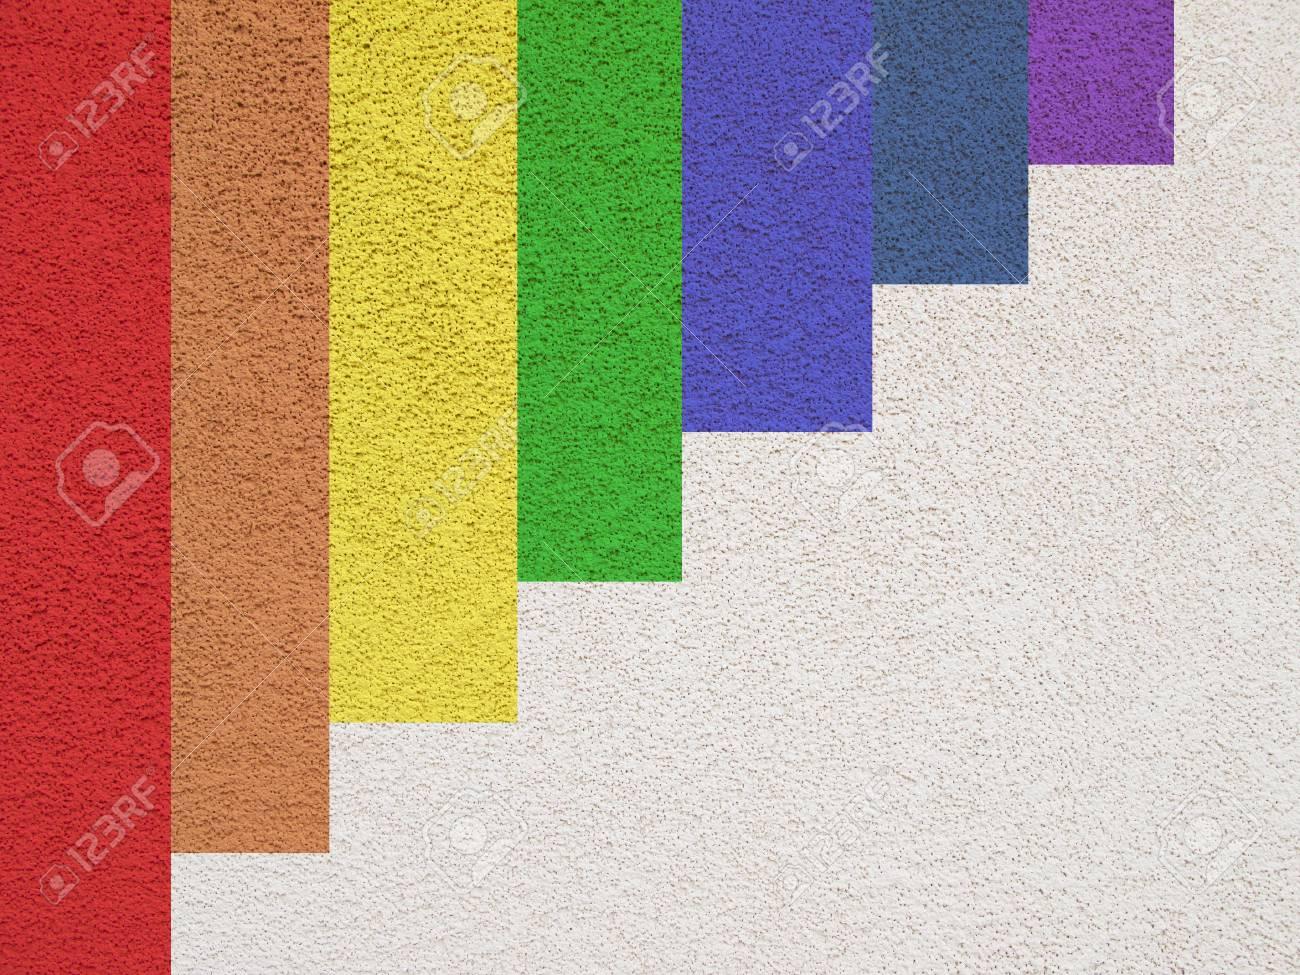 Peinture De Couleur Différente Sur Un Mur